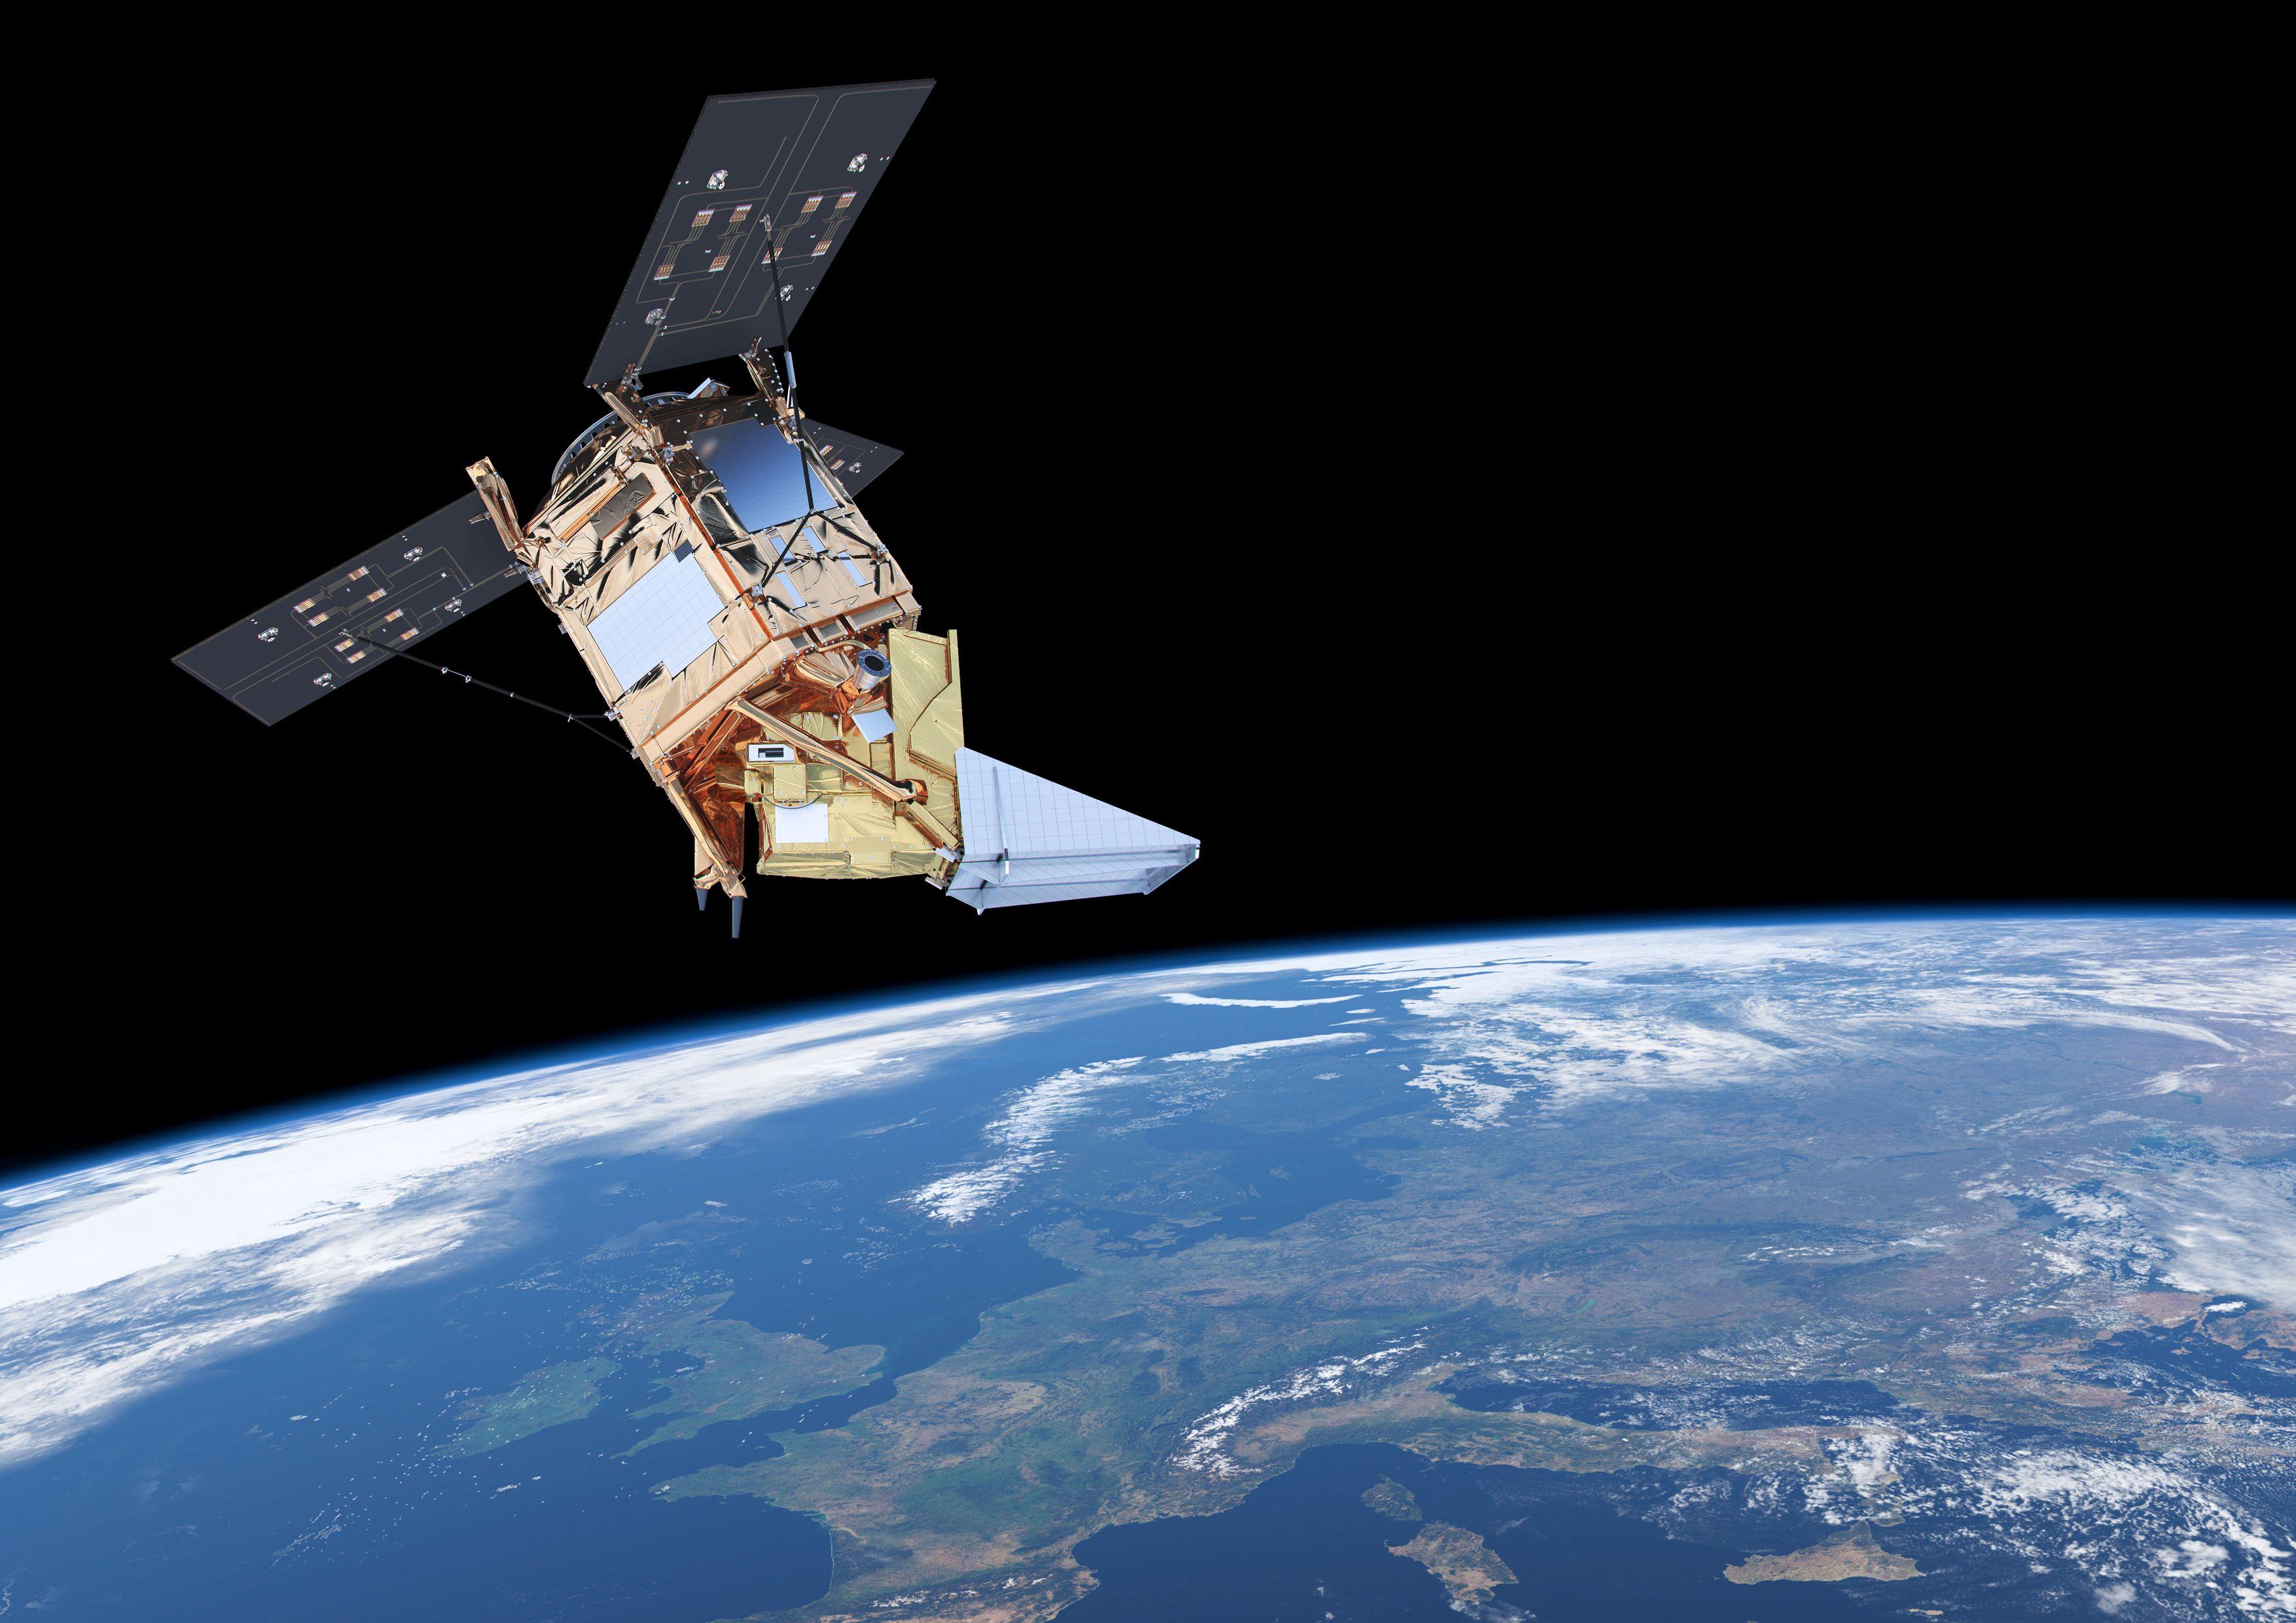 Sentinel-5P ser luftkvaliteten over individuelle byer og tettsteder. Grafikk: ESA/ATG medialab